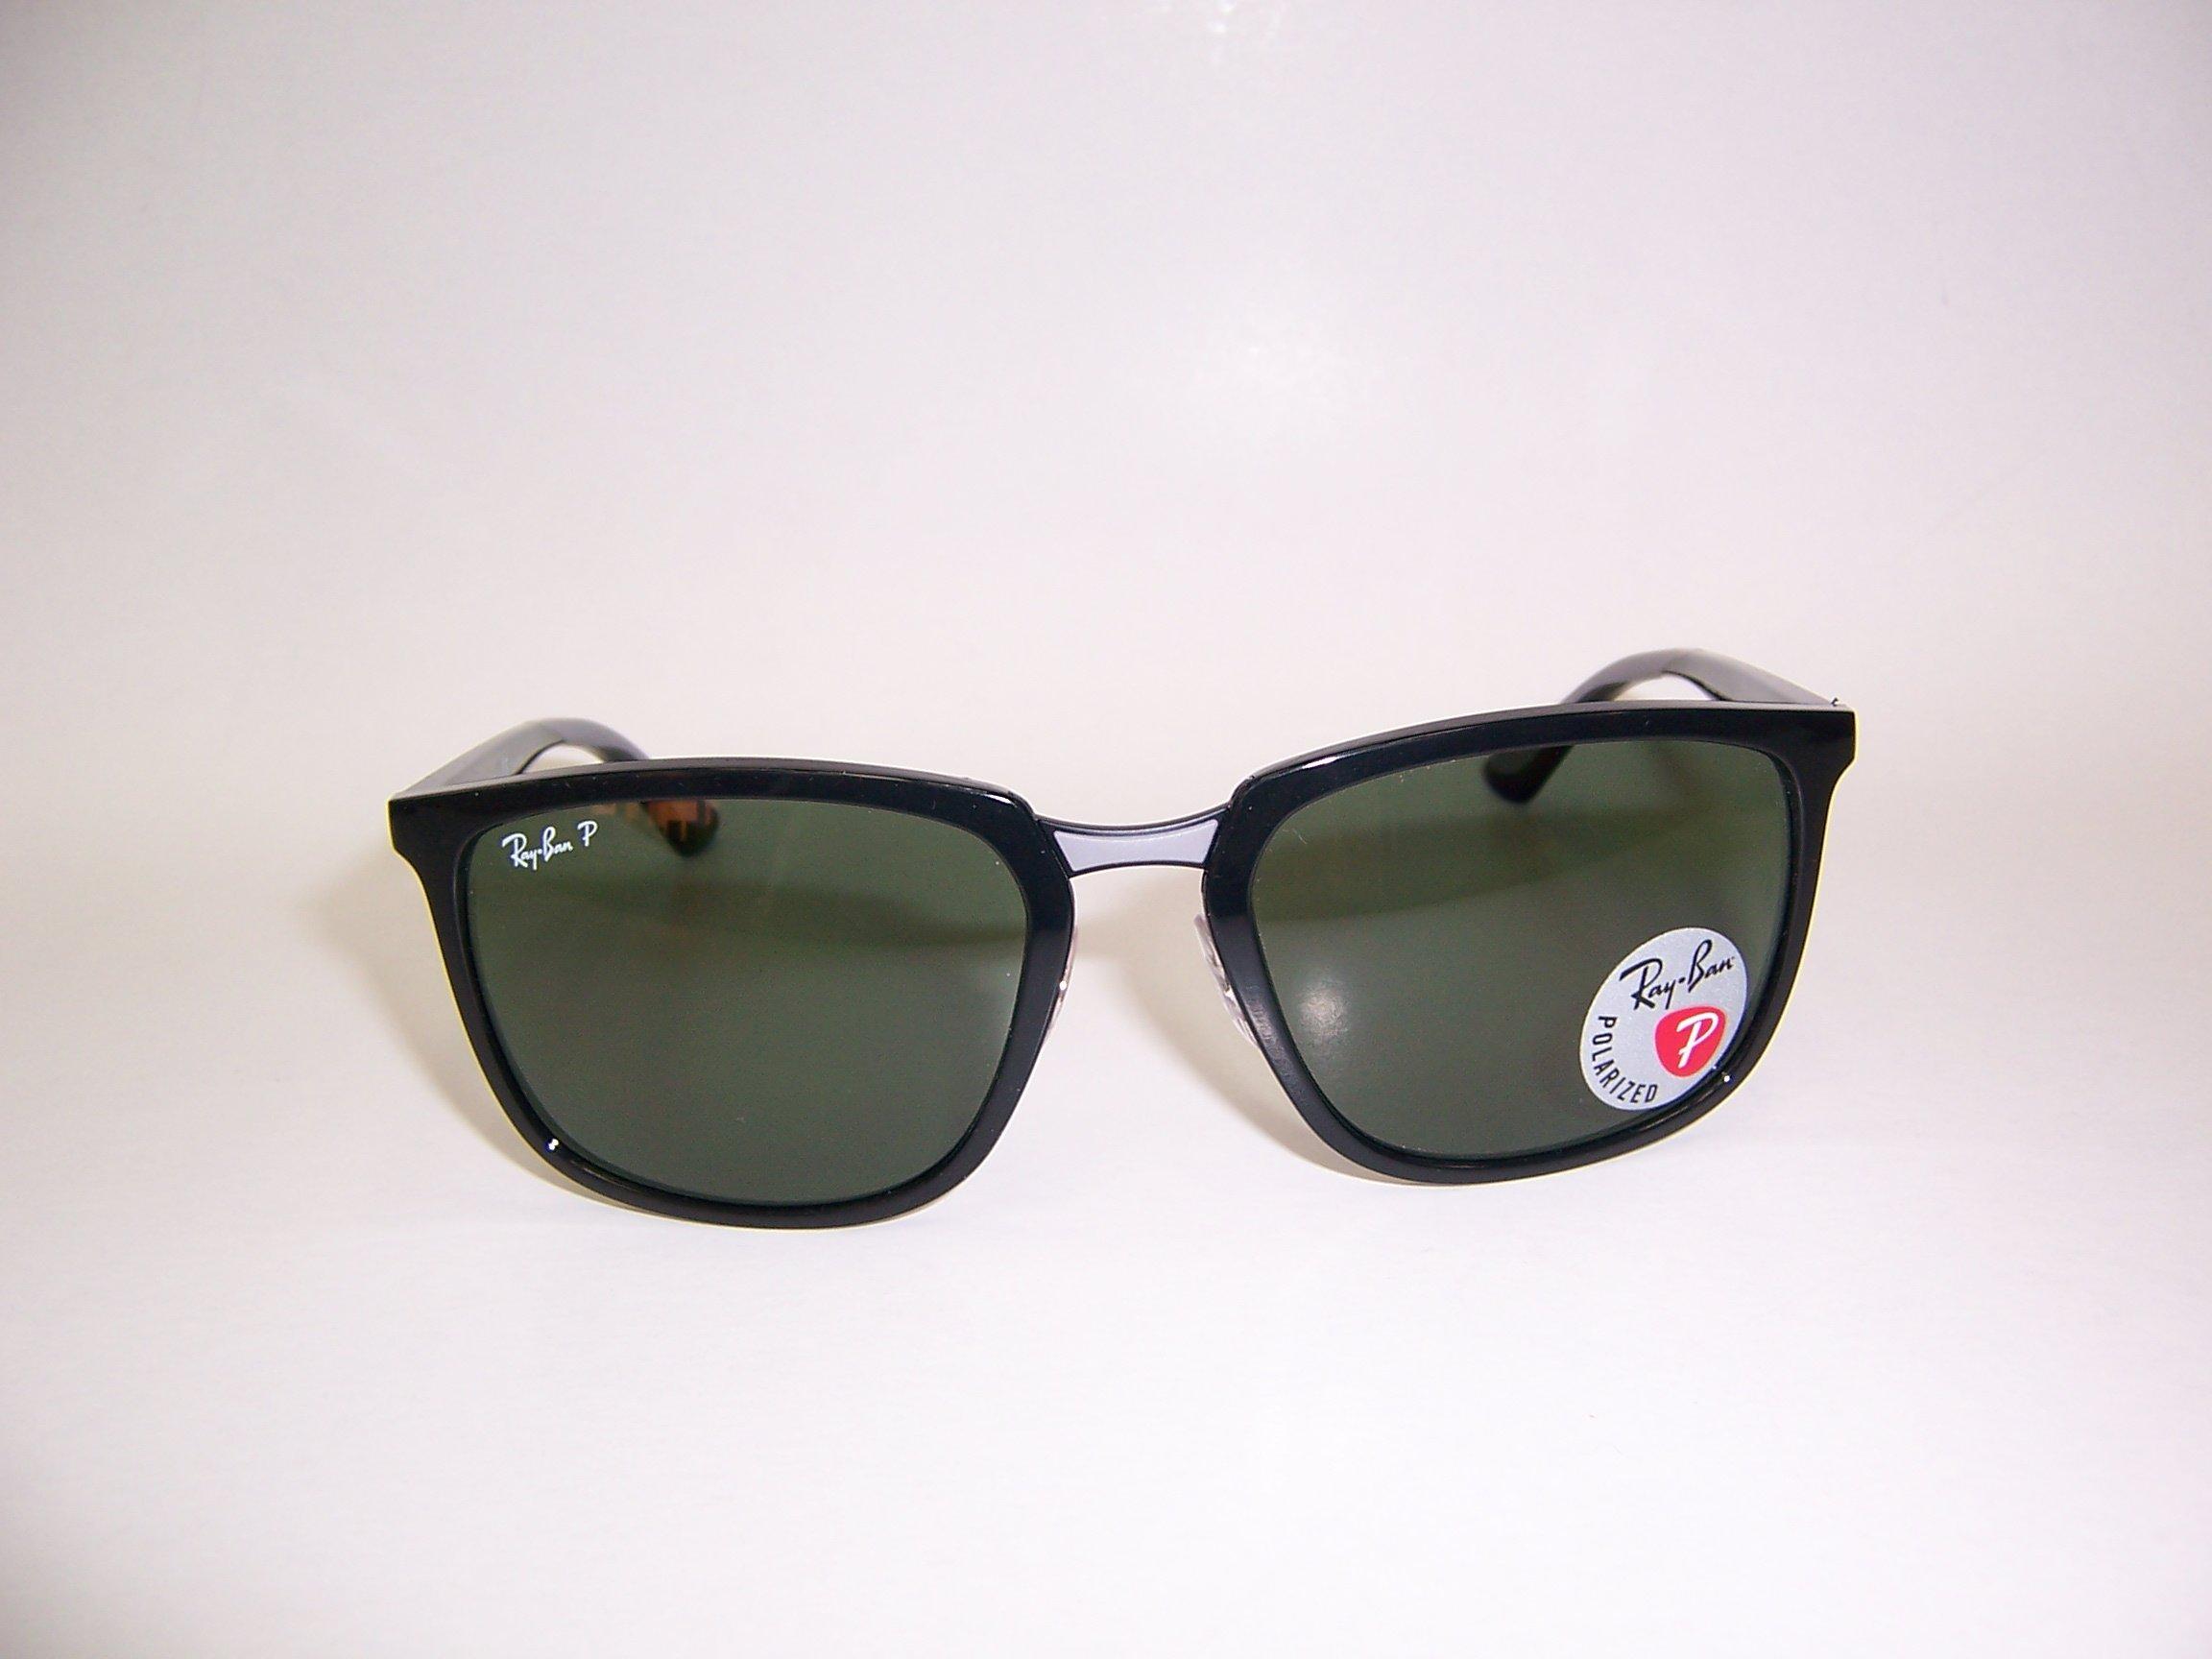 光寶眼鏡城(台南)Ray-Ban大塑版偏光太陽眼鏡,有金屬鼻墊RB4303/601/9A,LUXOTTICA公司貨